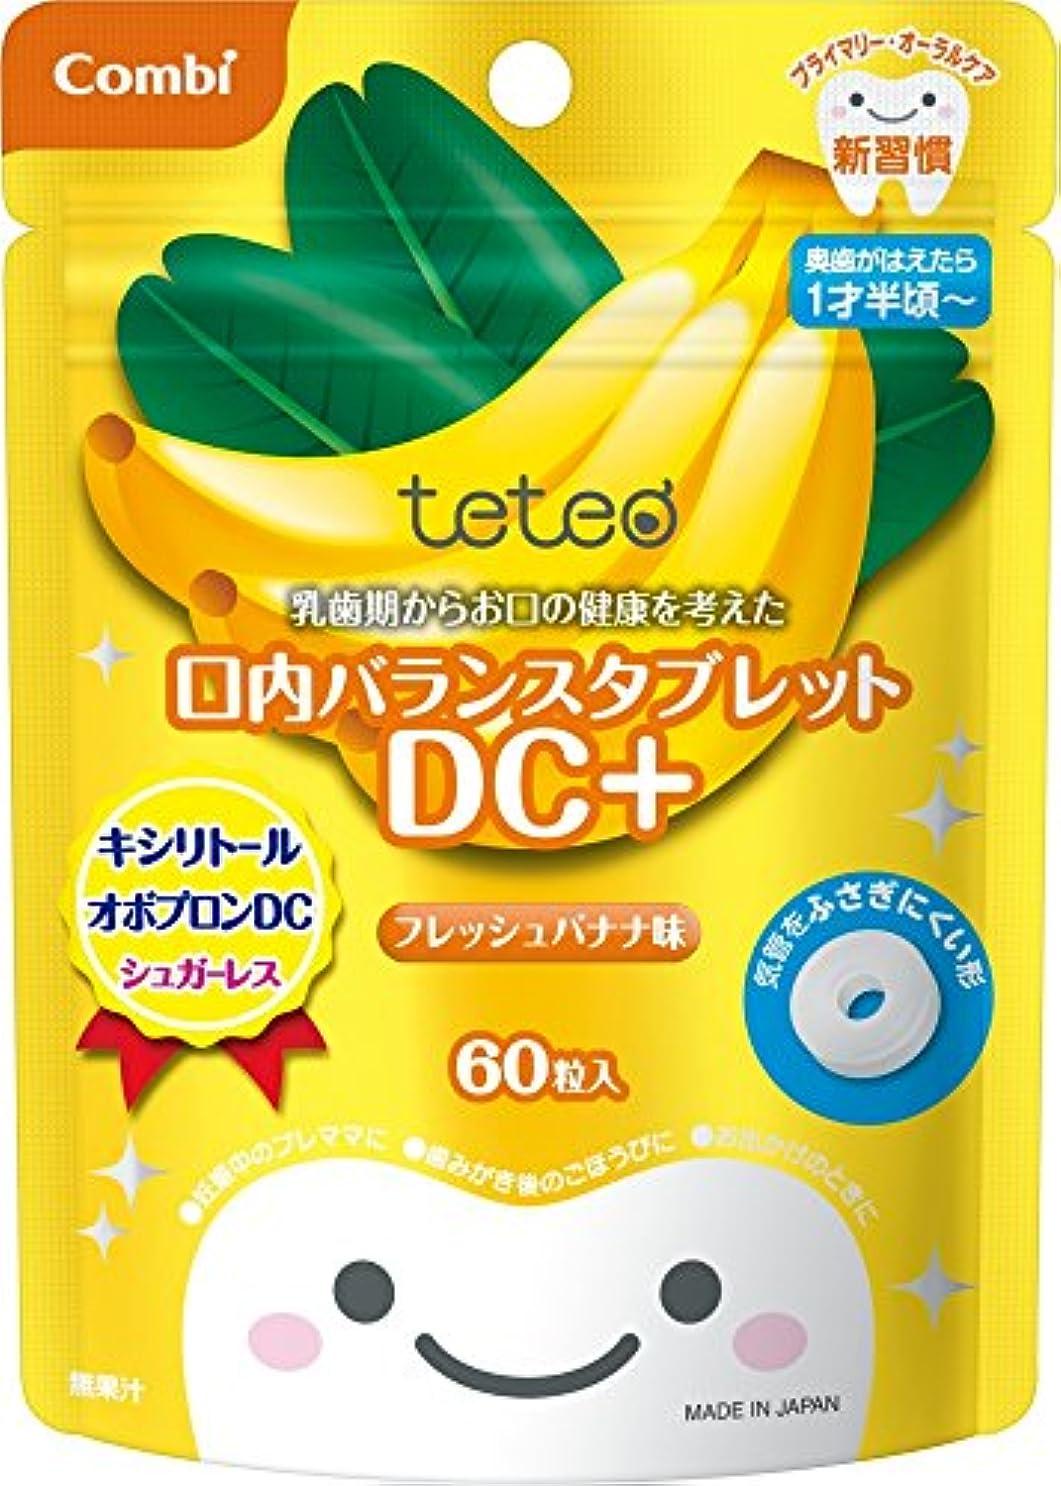 交換を通して名門コンビ テテオ 乳歯期からお口の健康を考えた口内バランスタブレット DC+ フレッシュバナナ味 60粒 【対象月齢:1才半頃~】